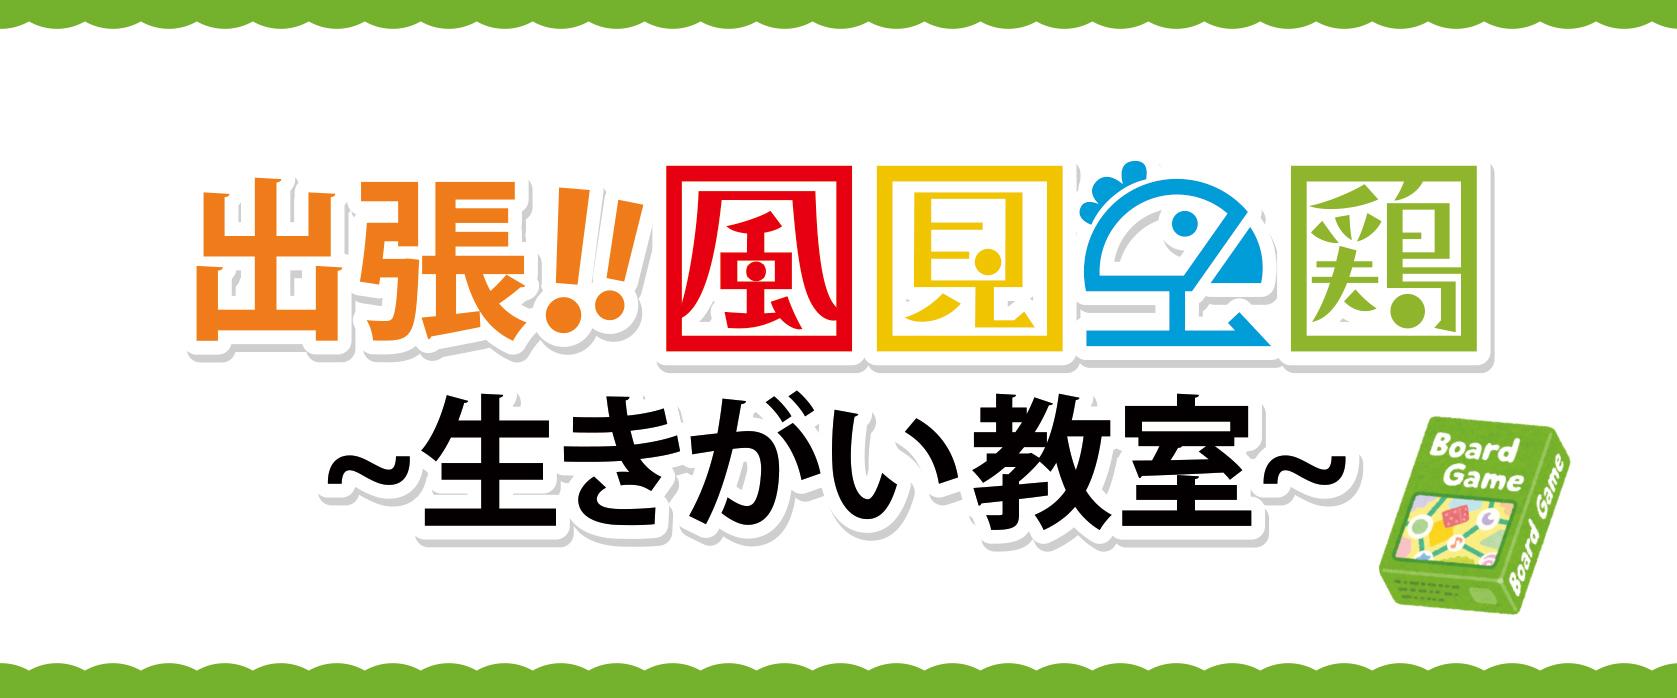 10/2(水)出張!風見鶏!!